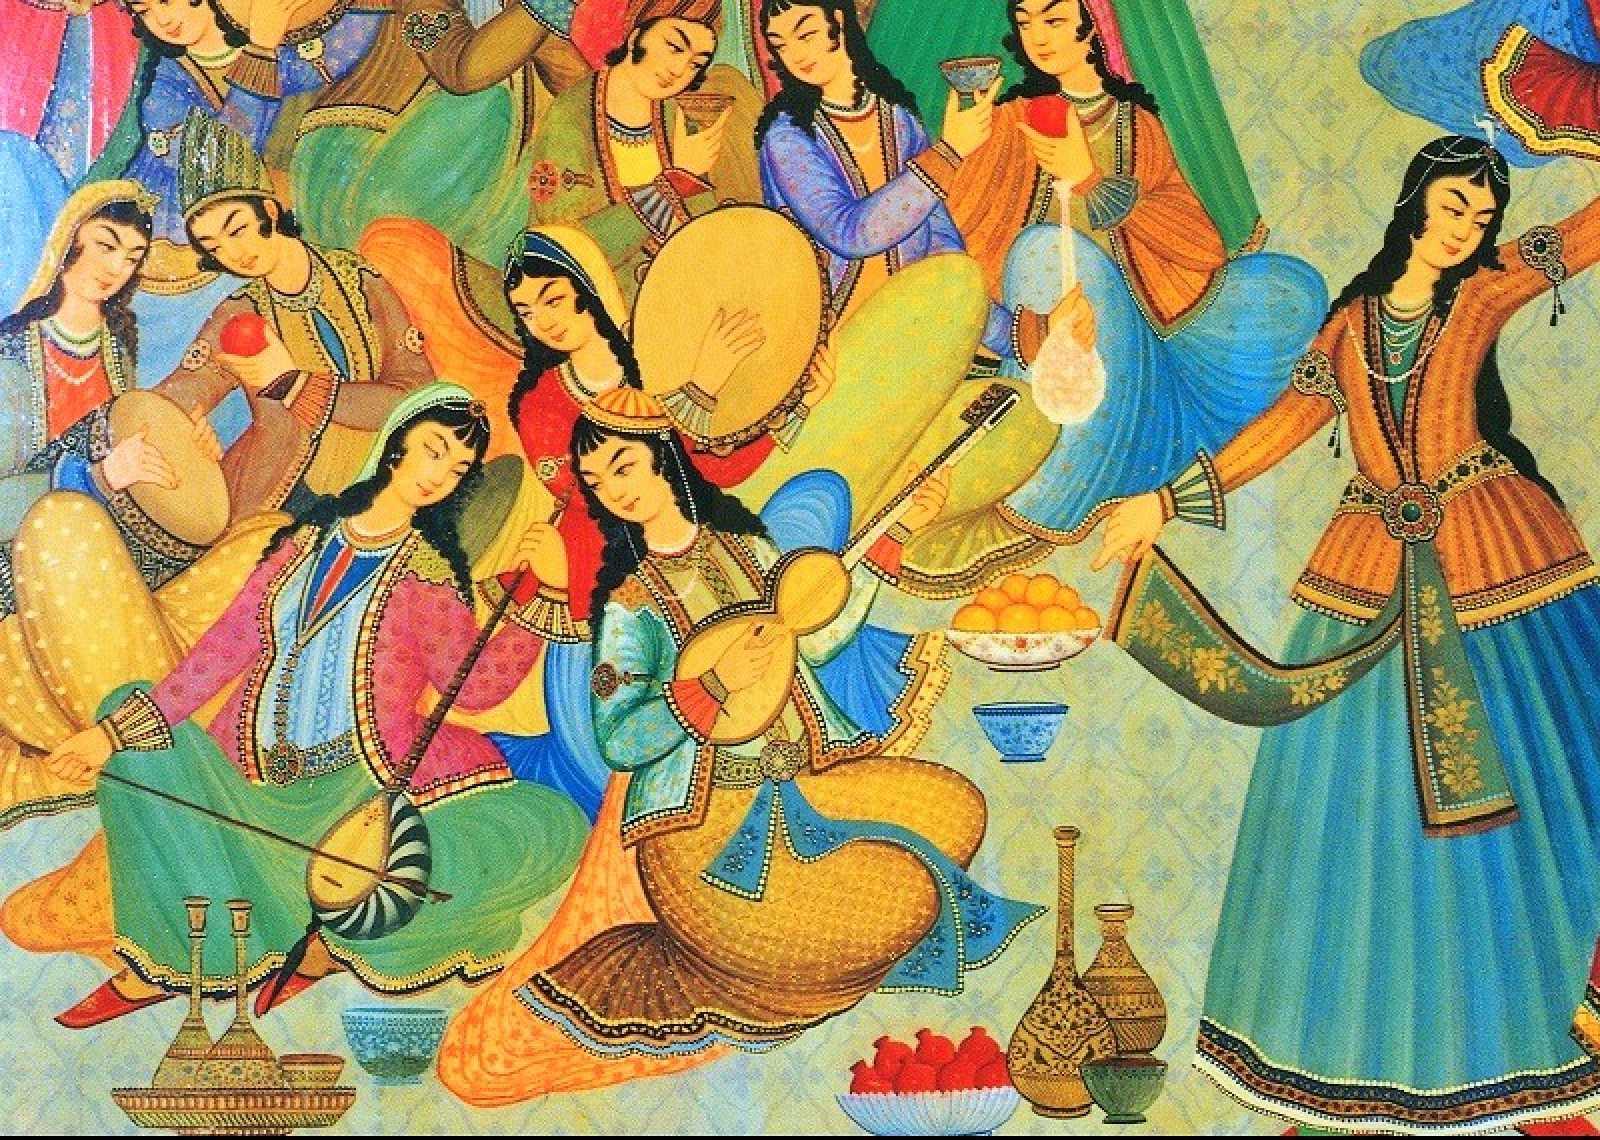 Rumbo al este - Mahsa y Marjan Vahdat: Destellos de esperanza - 03/02/21 - escuchar ahora